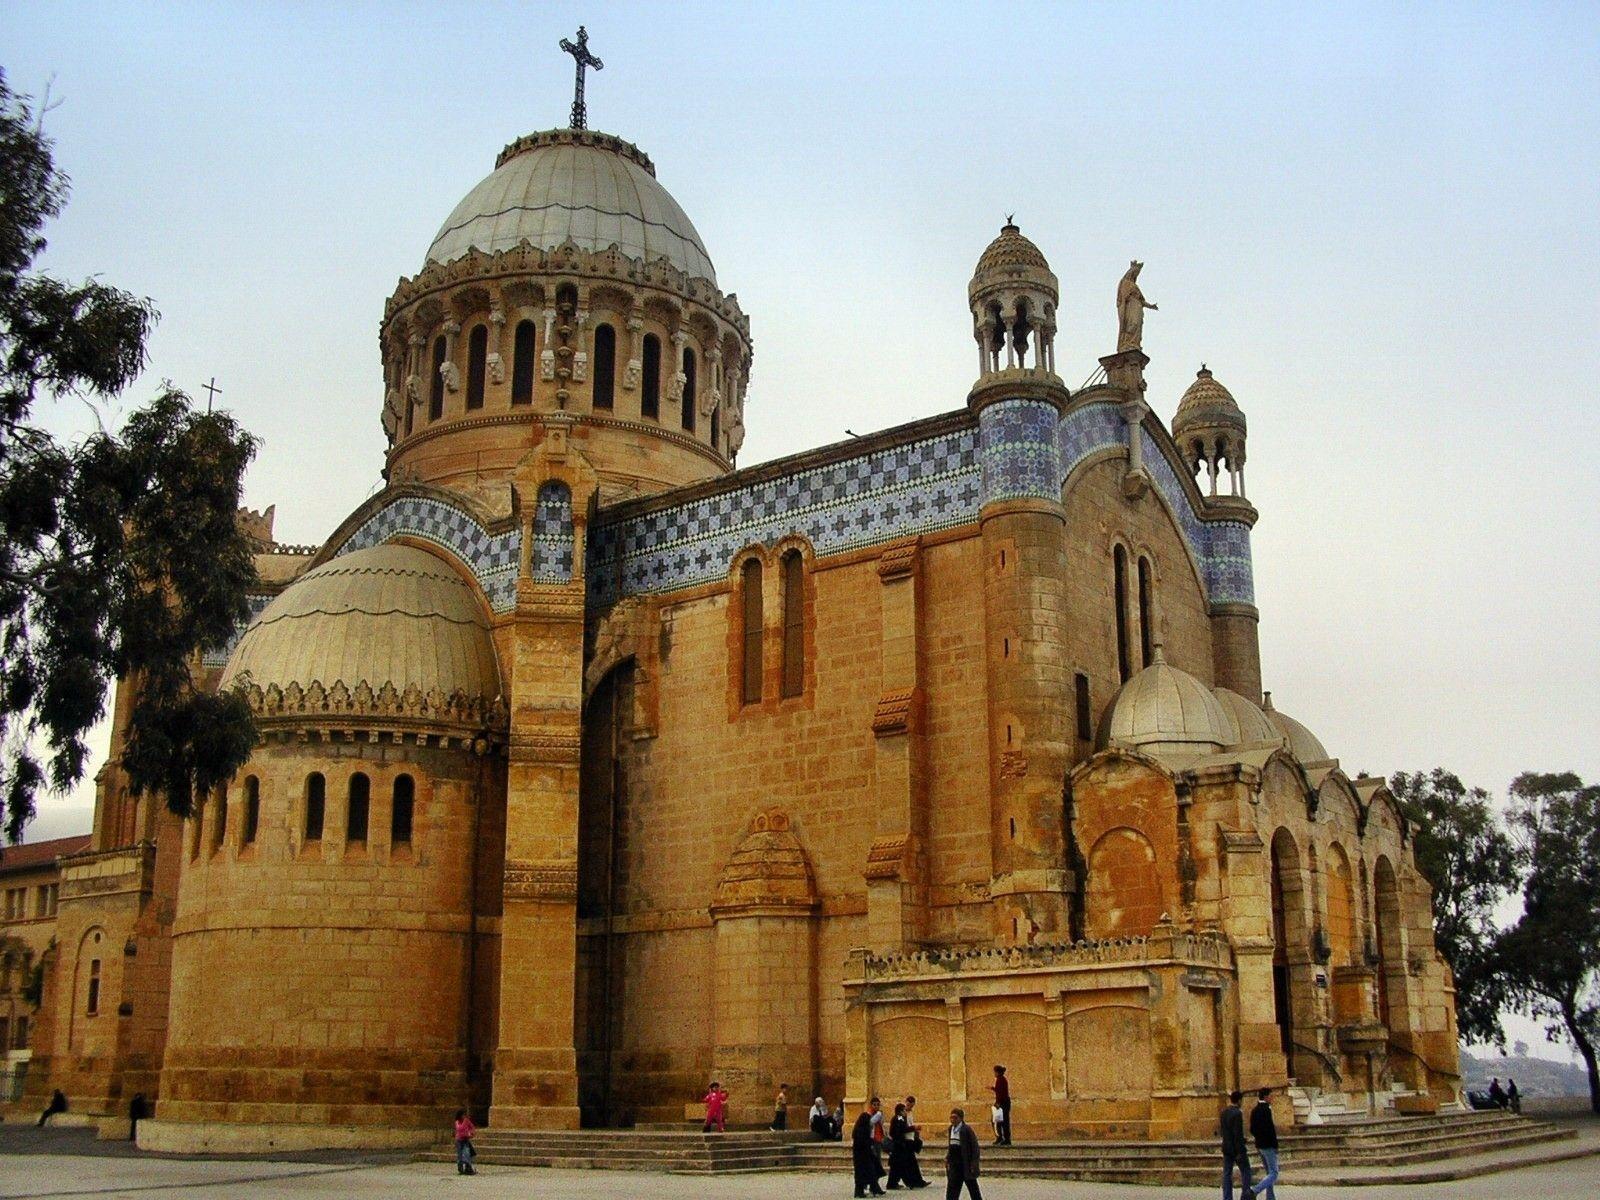 كنيسة سيدة أفريقيا، السياحة الجزائرية